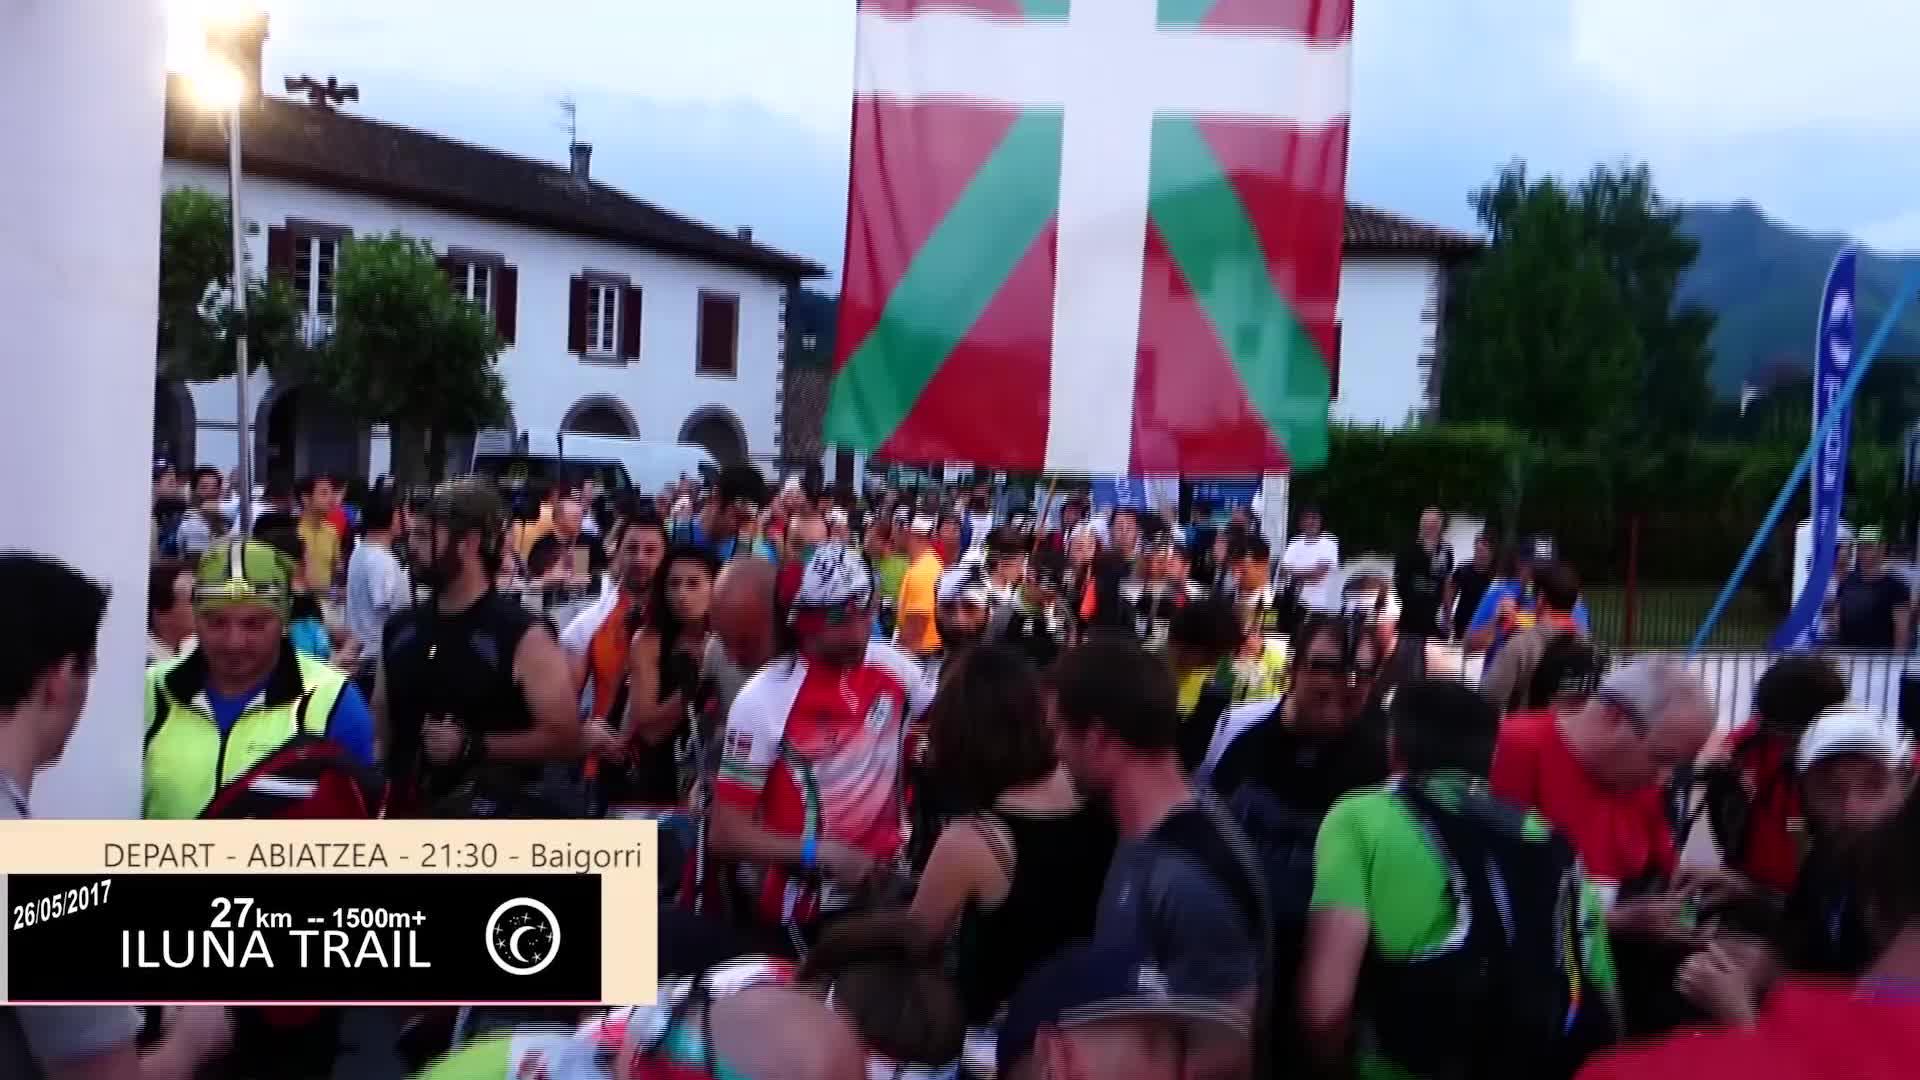 Euskal Trail 2017: Ilunatrail abiatzea